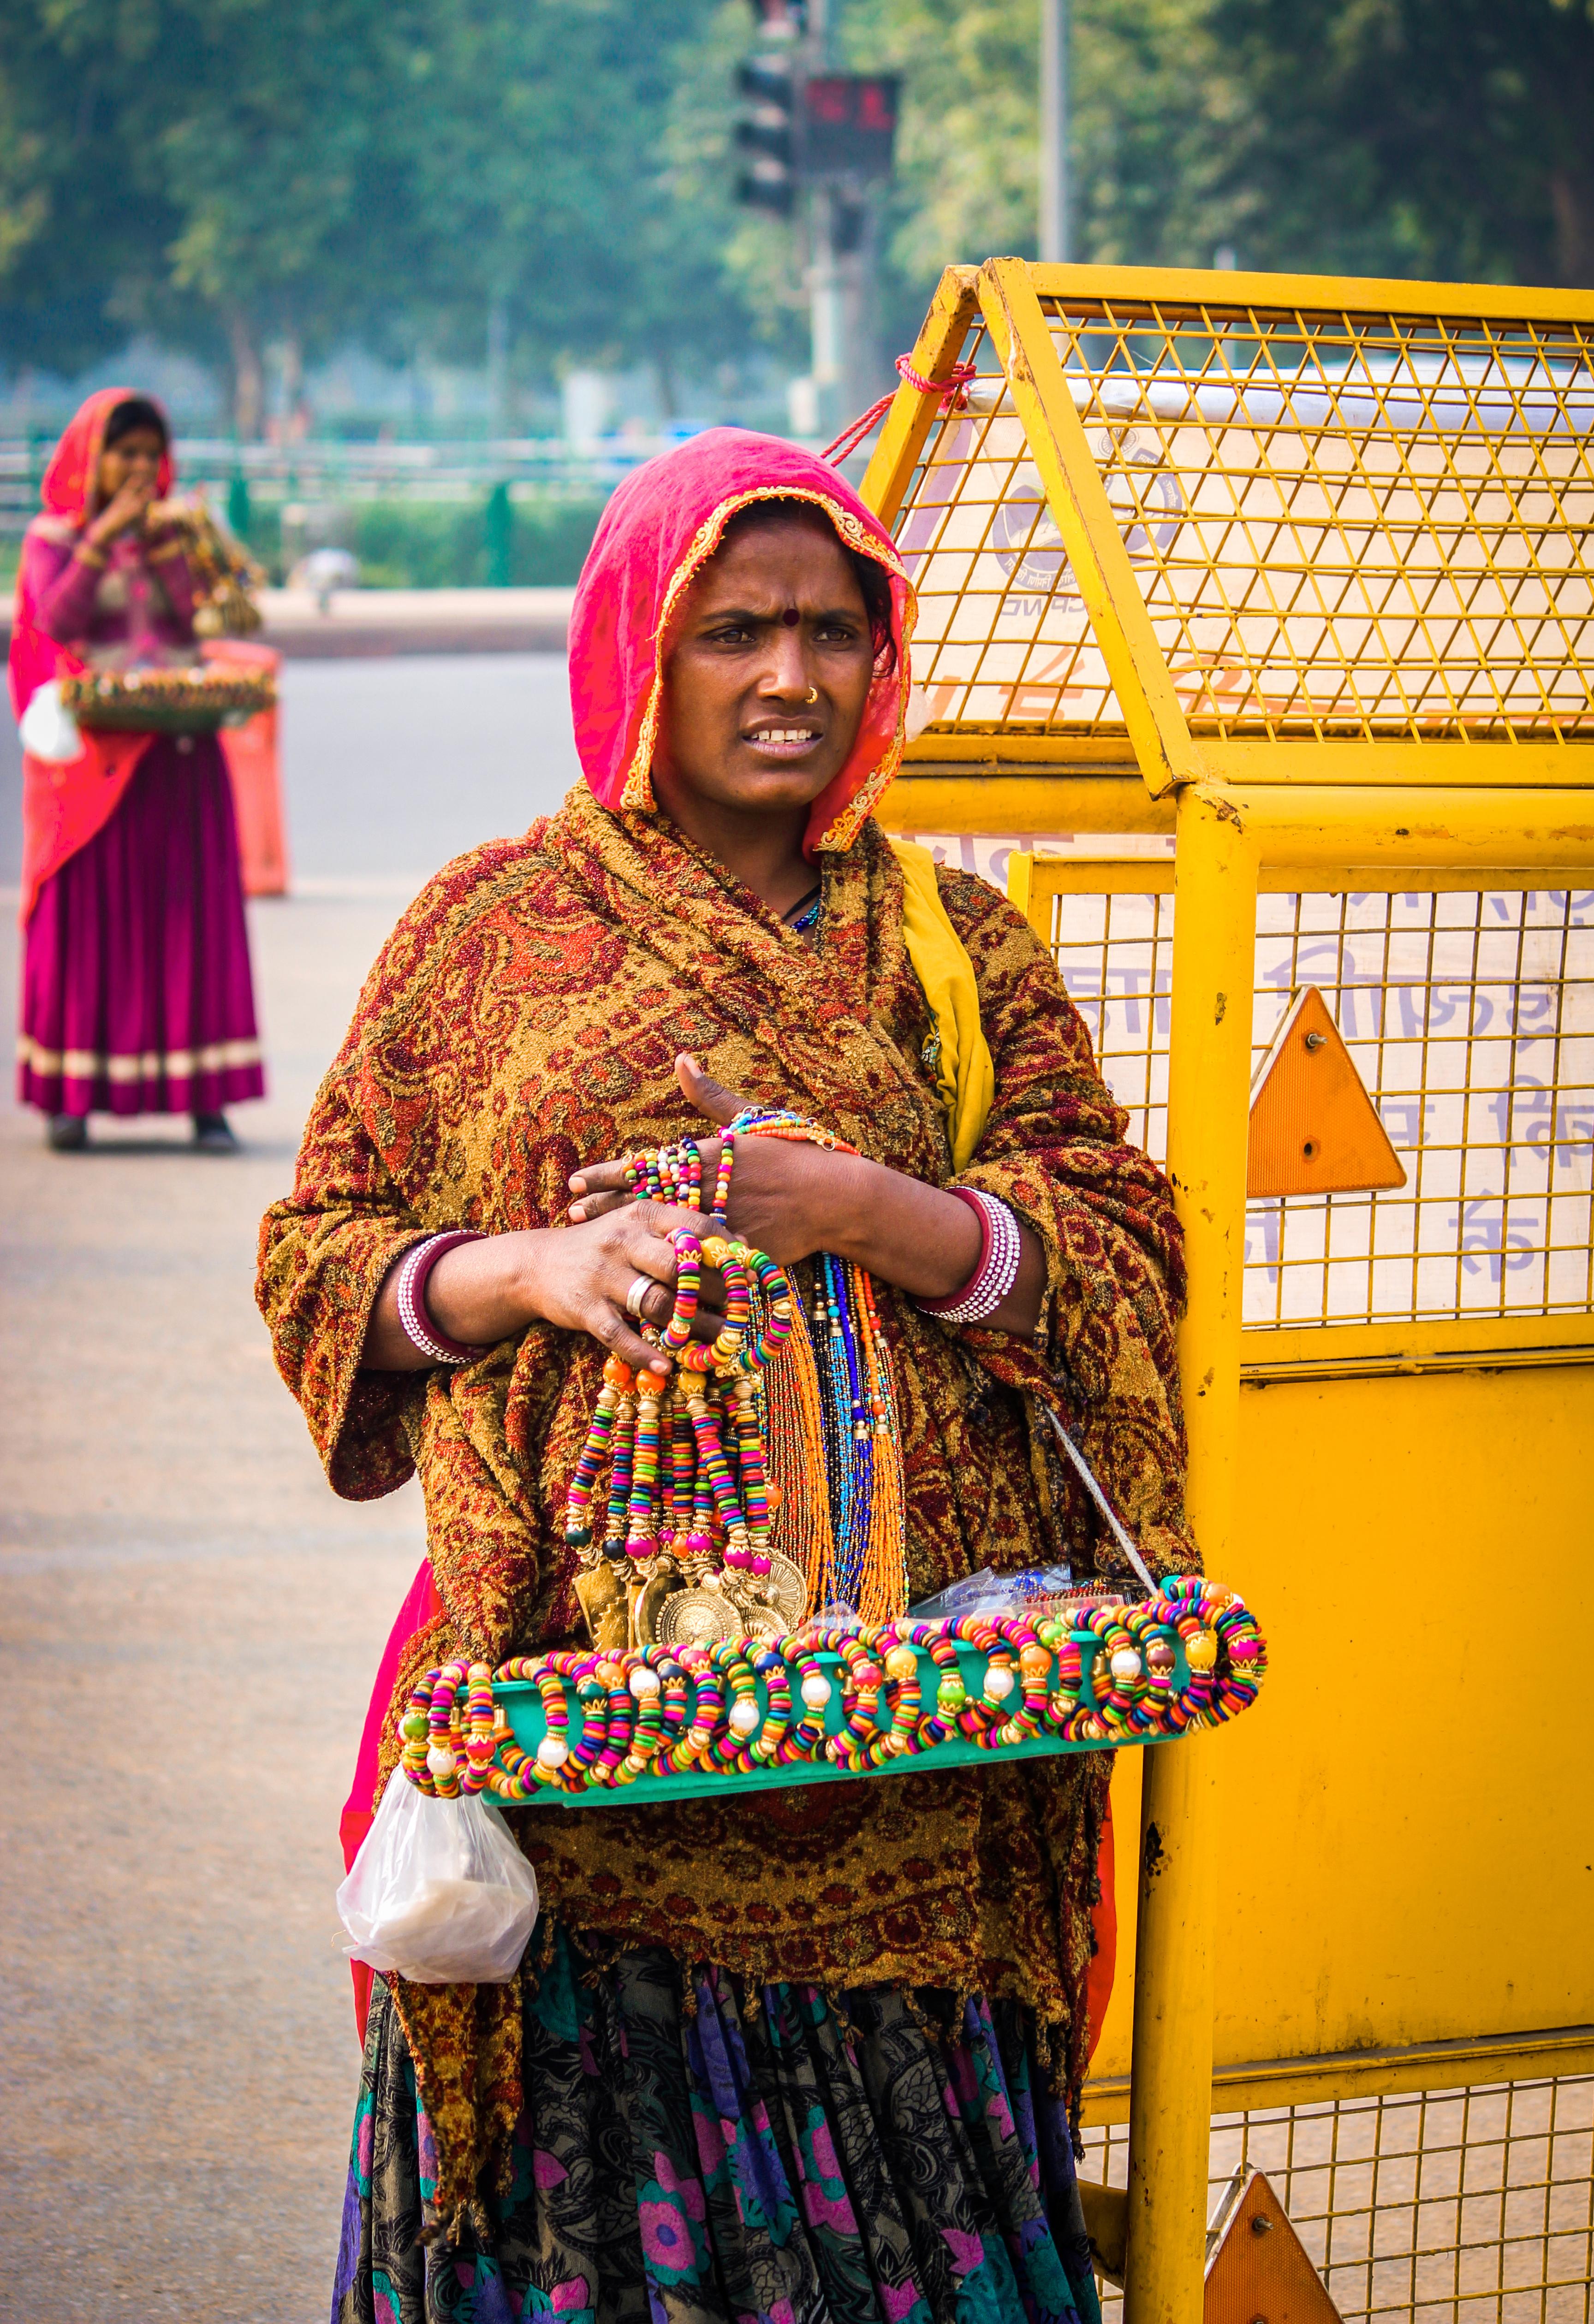 Ingyenes csatlakozási webhelyek Indiában